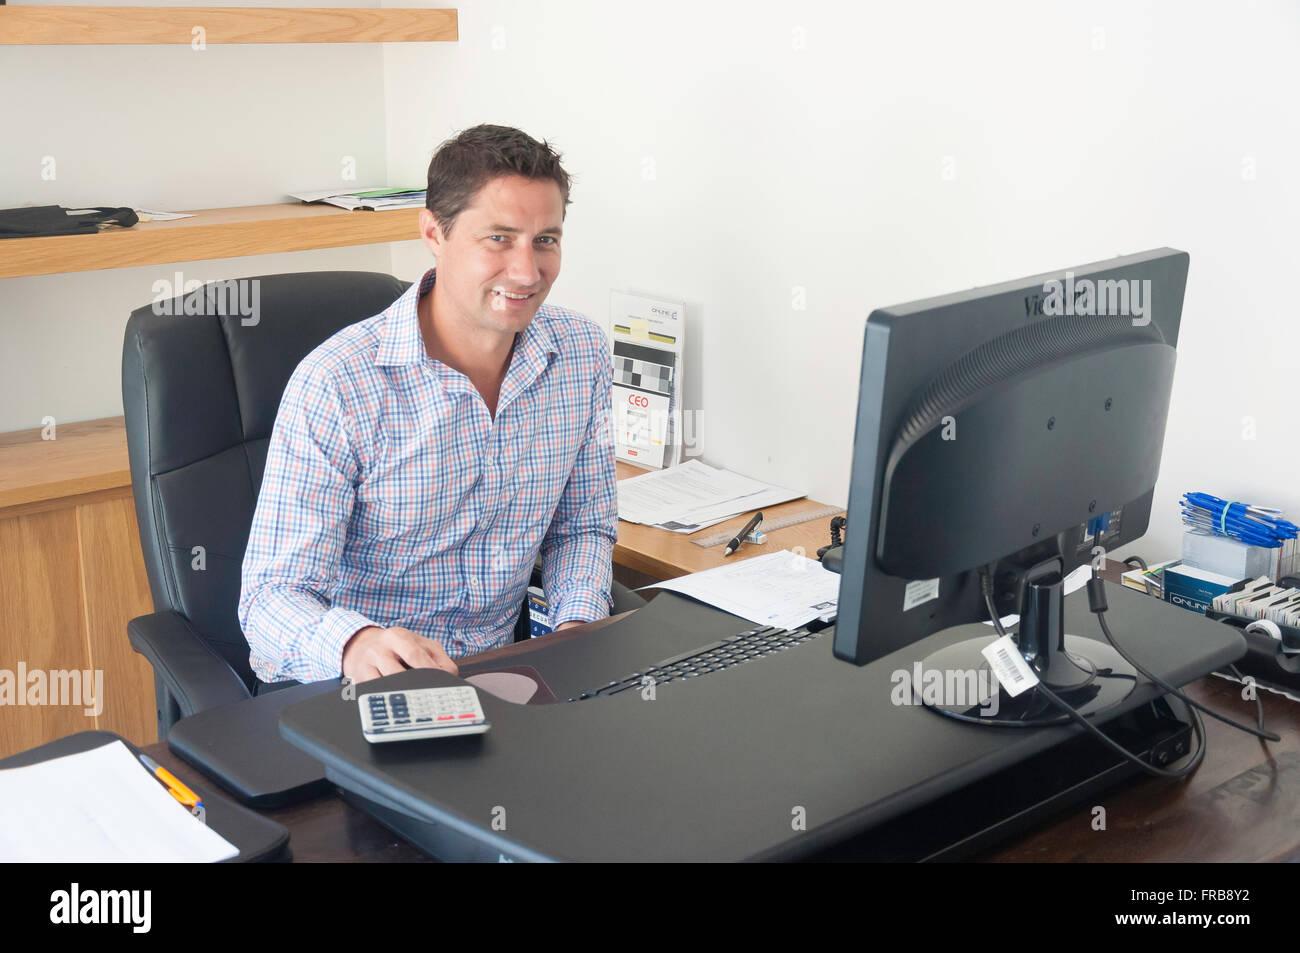 Jeunes cadres de sexe masculin (30 ans) à l'office de tourisme 24, Christchurch, Canterbury, Nouvelle-Zélande Photo Stock